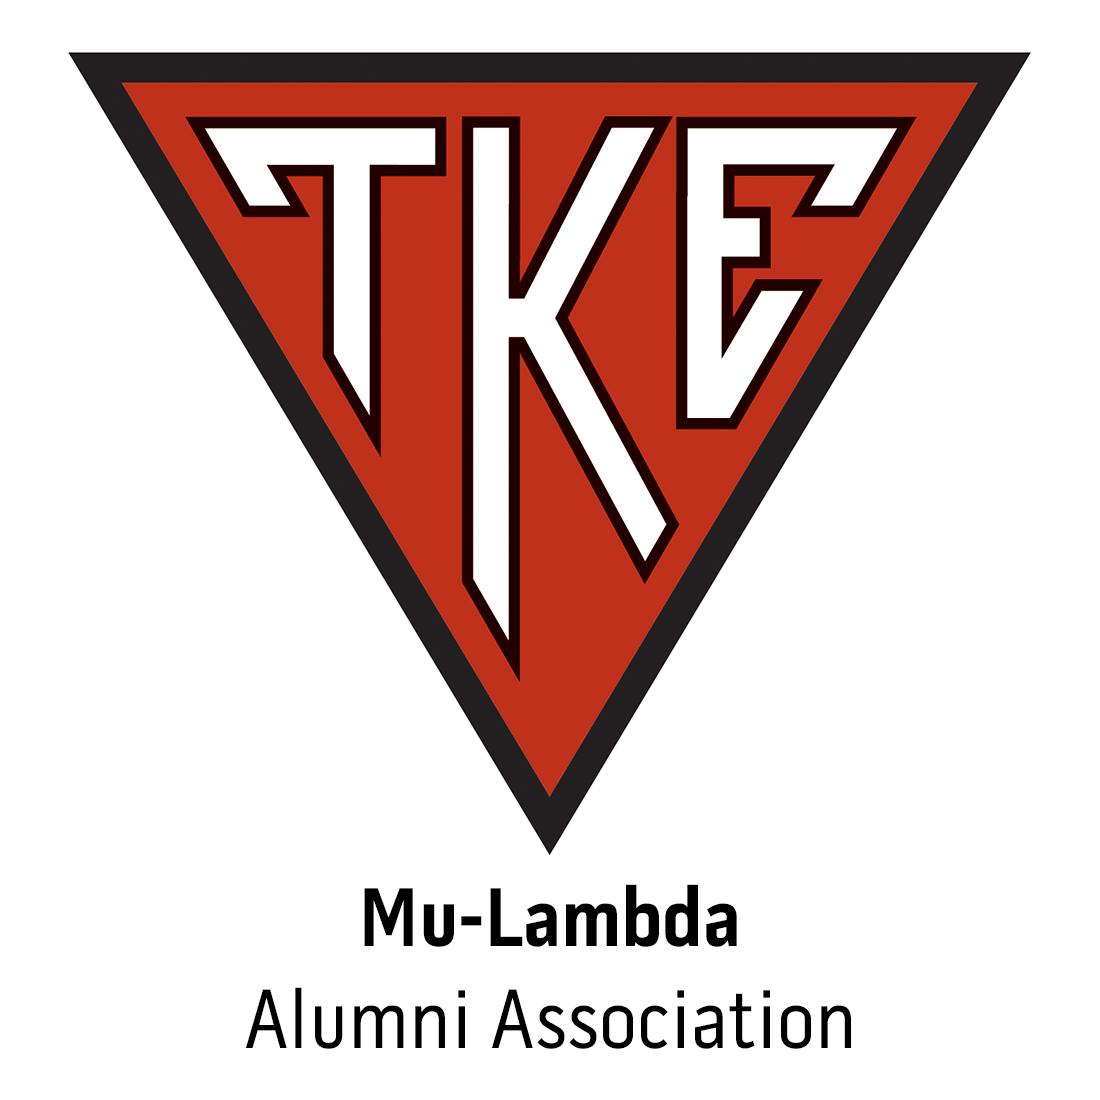 Mu-Lambda Alumni Association for Michigan Technological University